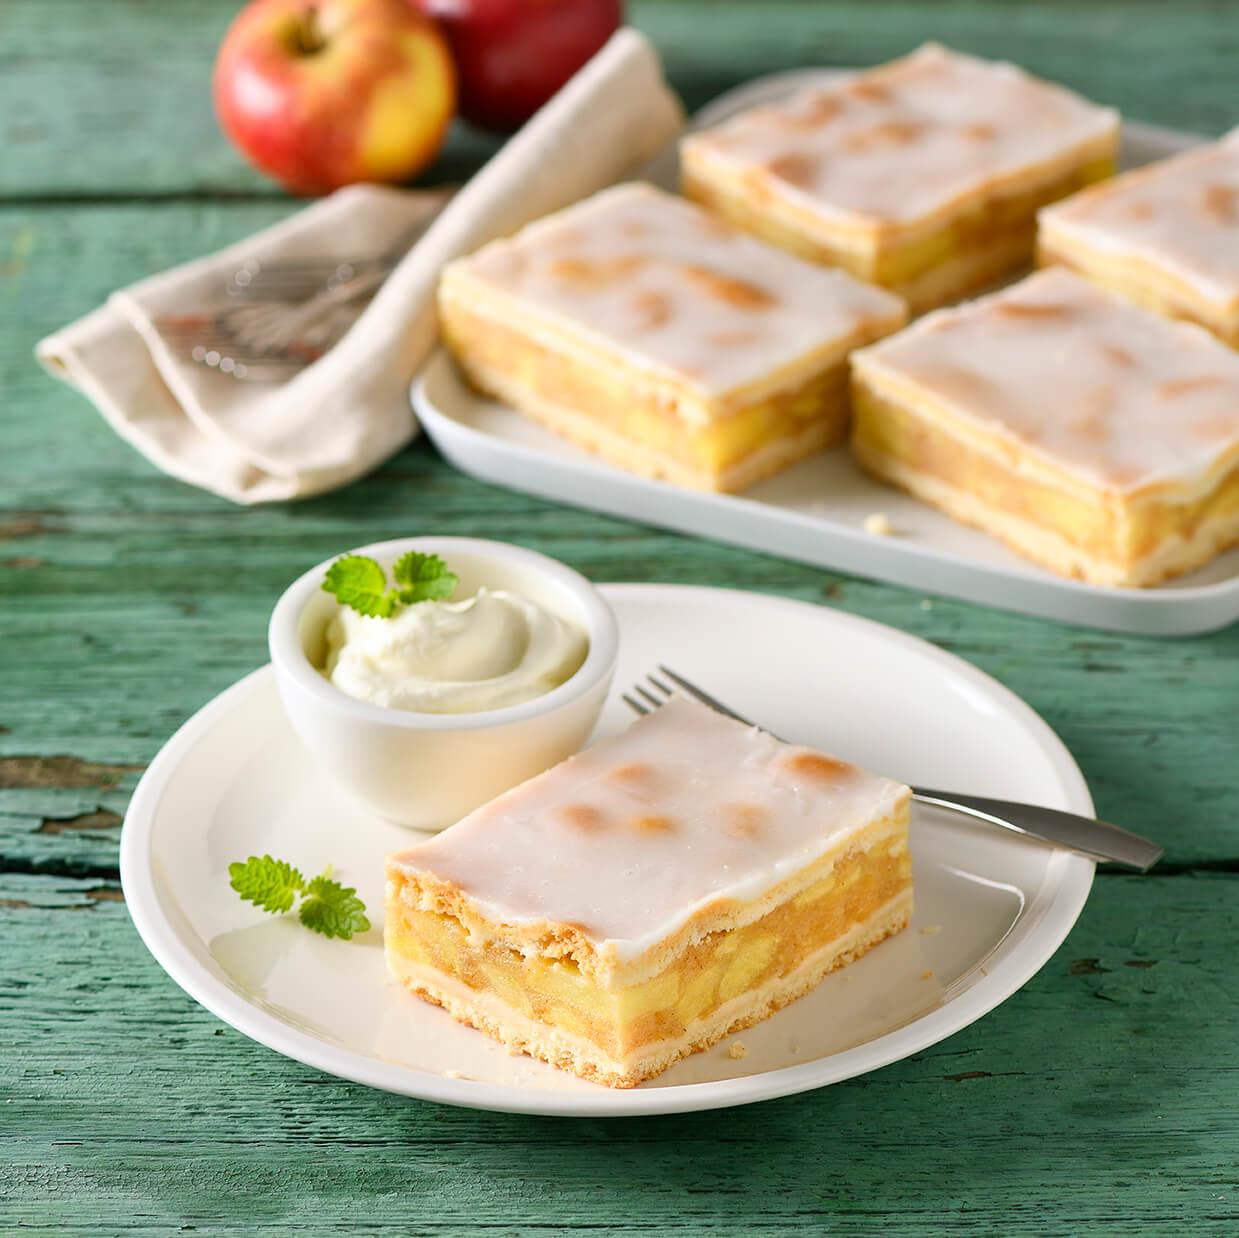 Gedeckter Apfelkuchen von Antje Plewinski Foodfotografie